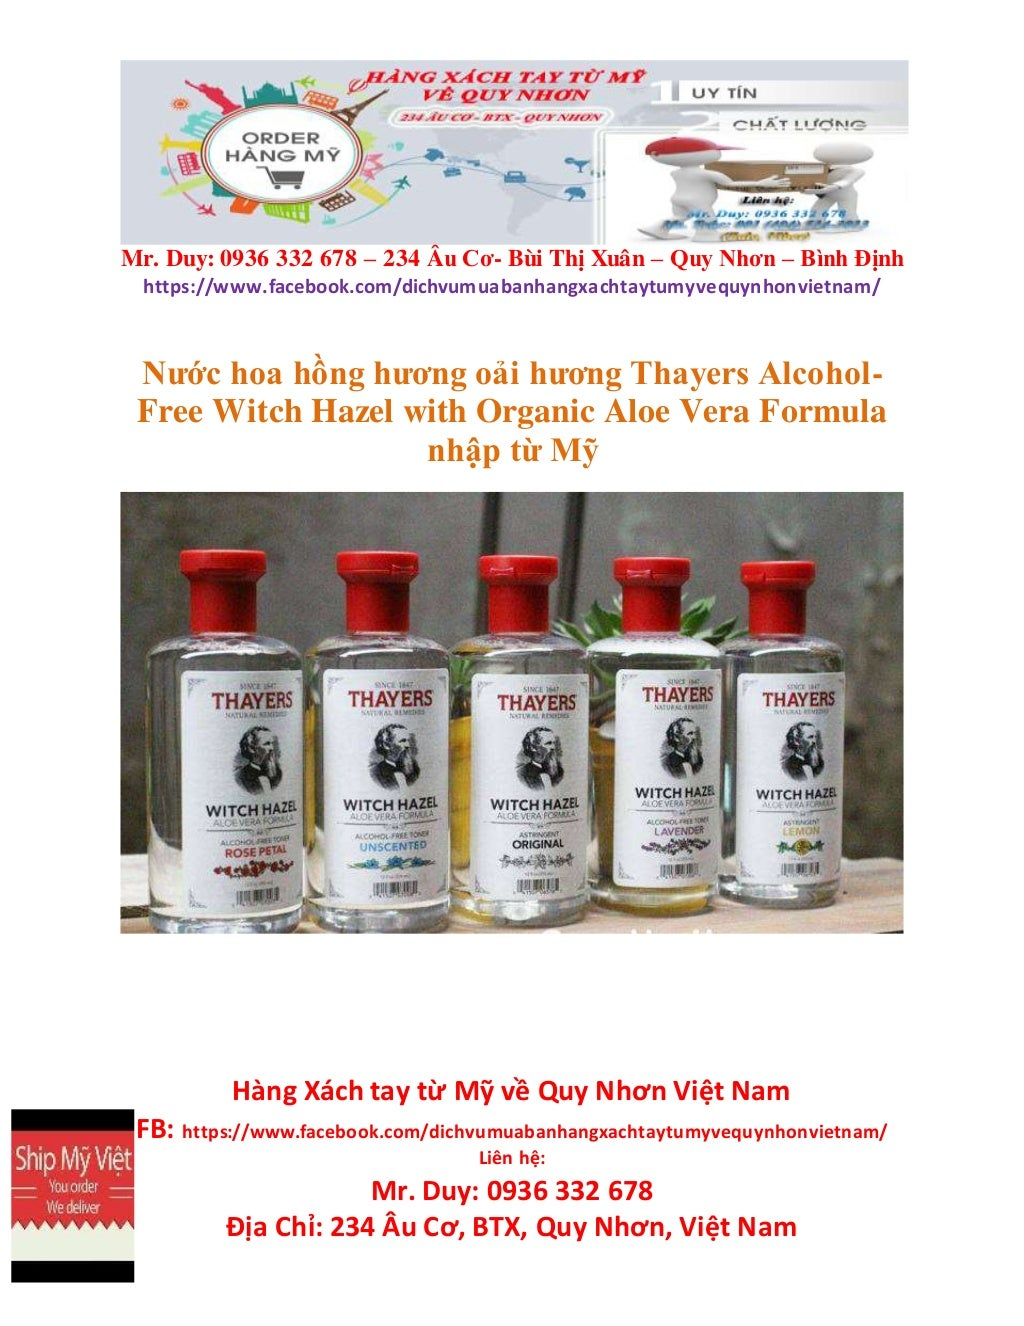 Nhận mua thực phẩm chức năng xách tay ở Quy Nhơn chuyên nghiệp - Magazine cover